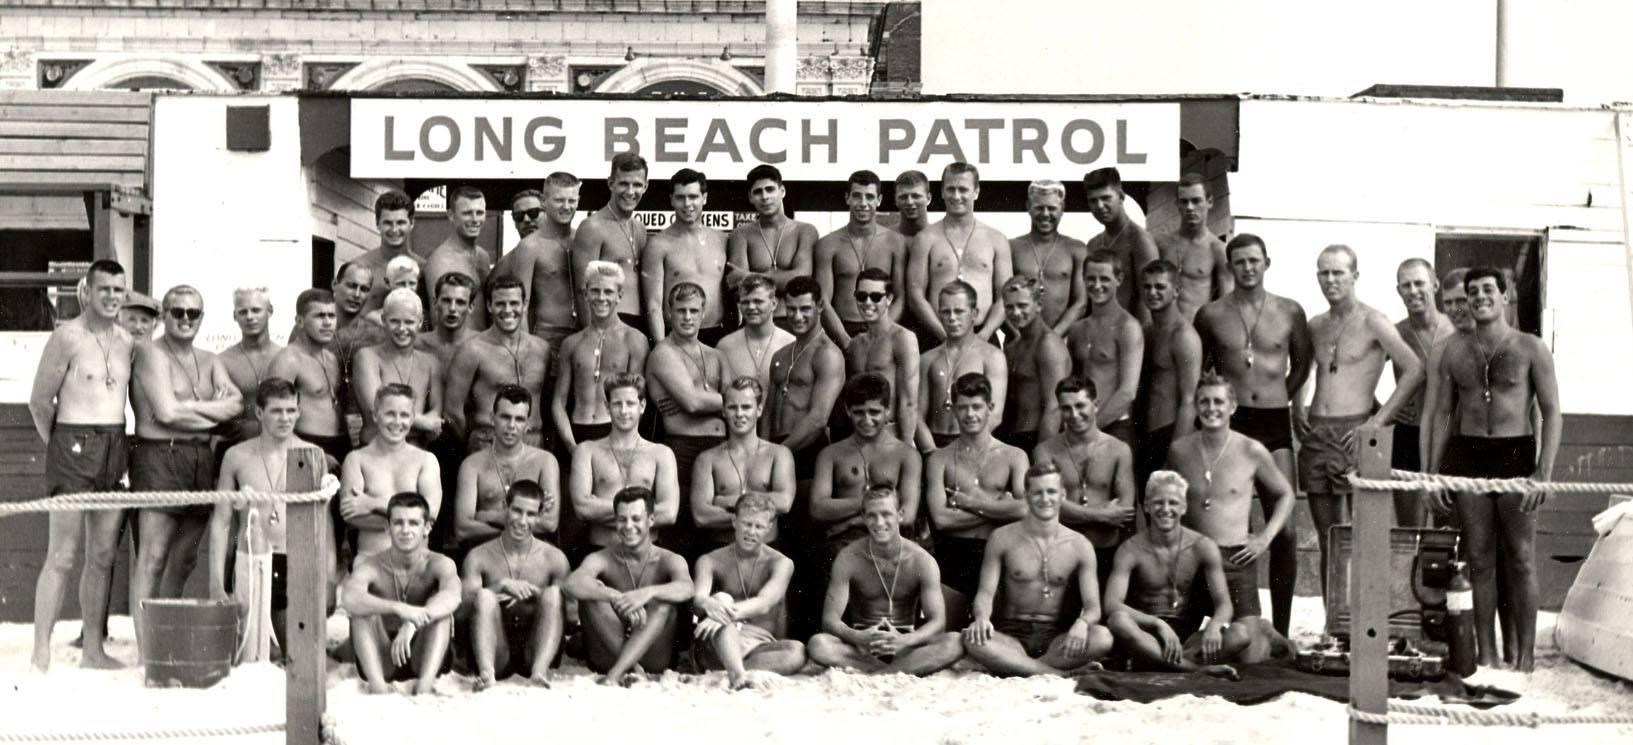 Long Beach Lifeguards 1960.jpg